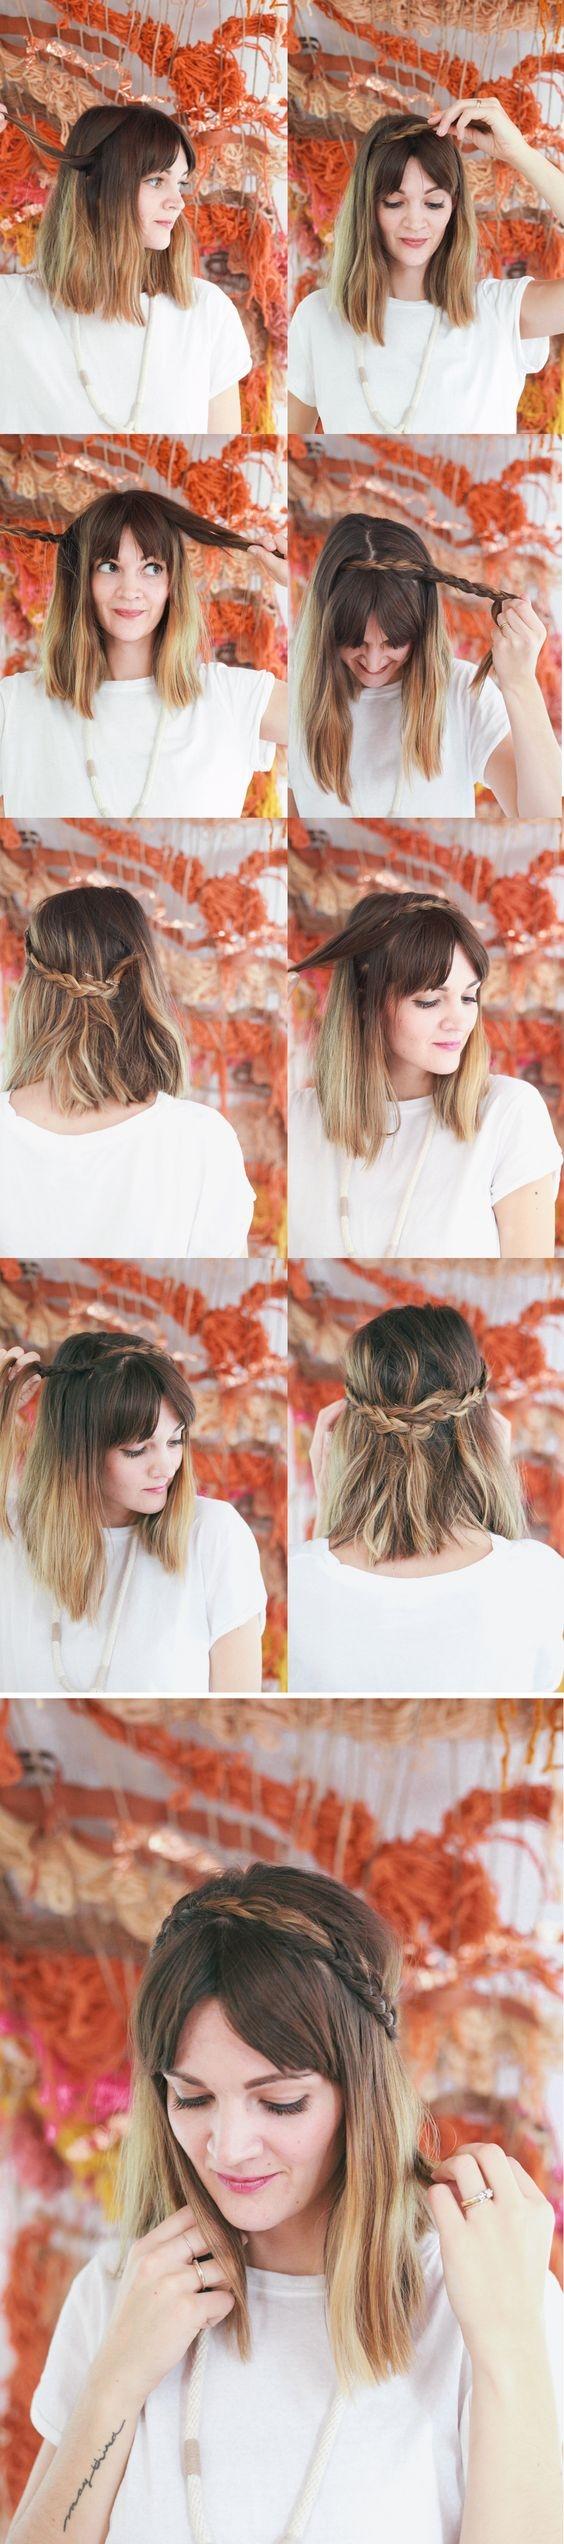 Bạn cũng có thể tết tóc quanh đỉnh đầu như cô nàng trên. Kiểu tóc này rất hợp với những nàng yêu thích sự nữ tính, lãng mạn.